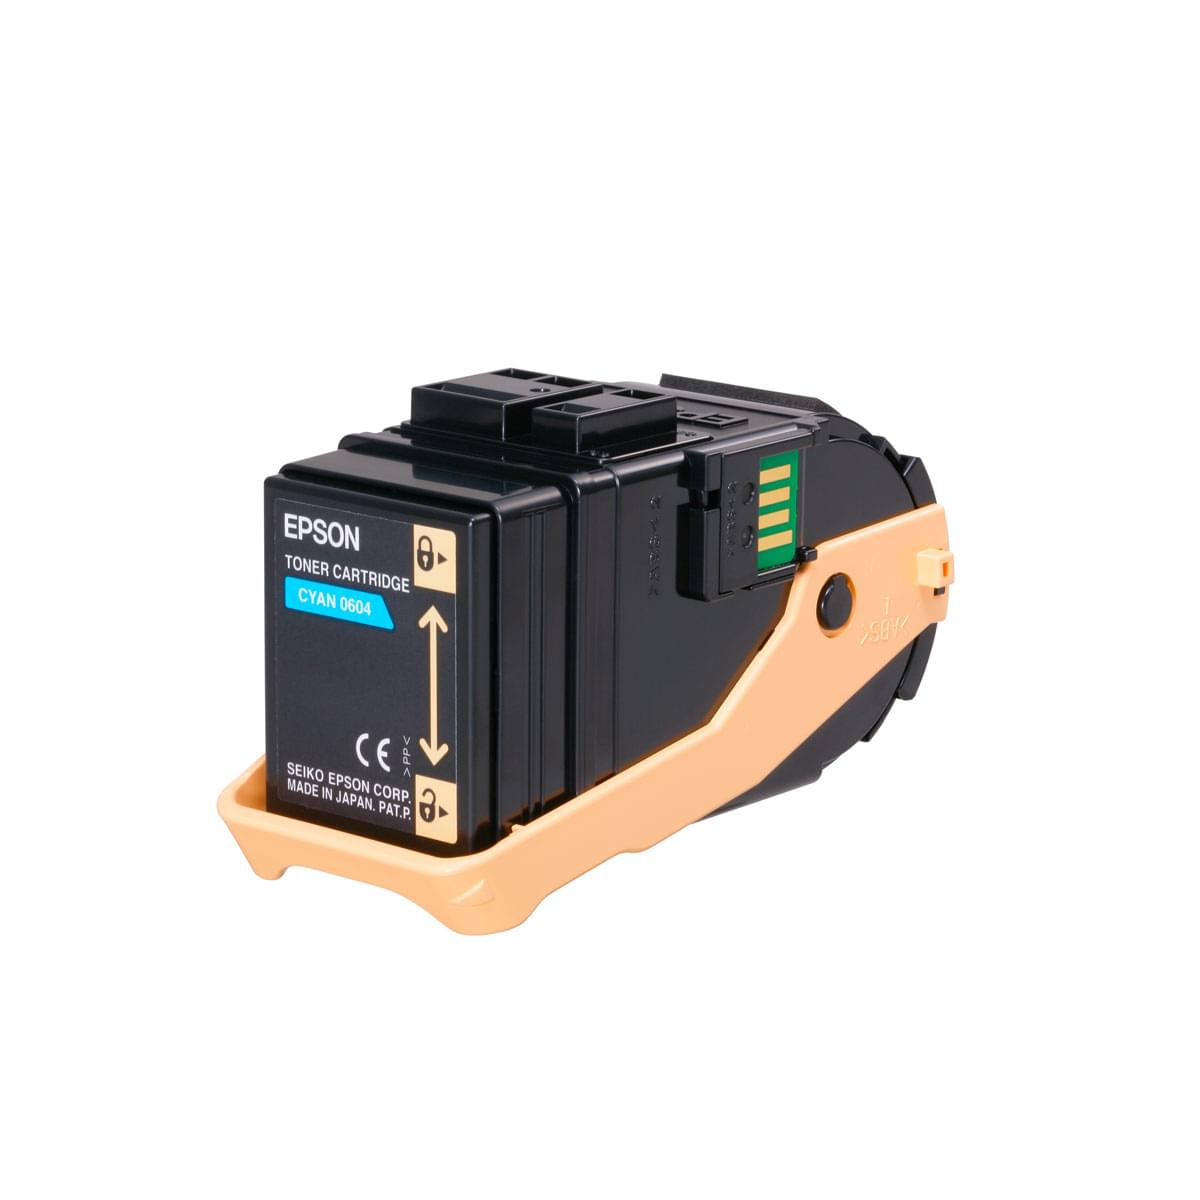 Toner Cyan 7500p - C13S050604 pour imprimante Laser Epson - 0